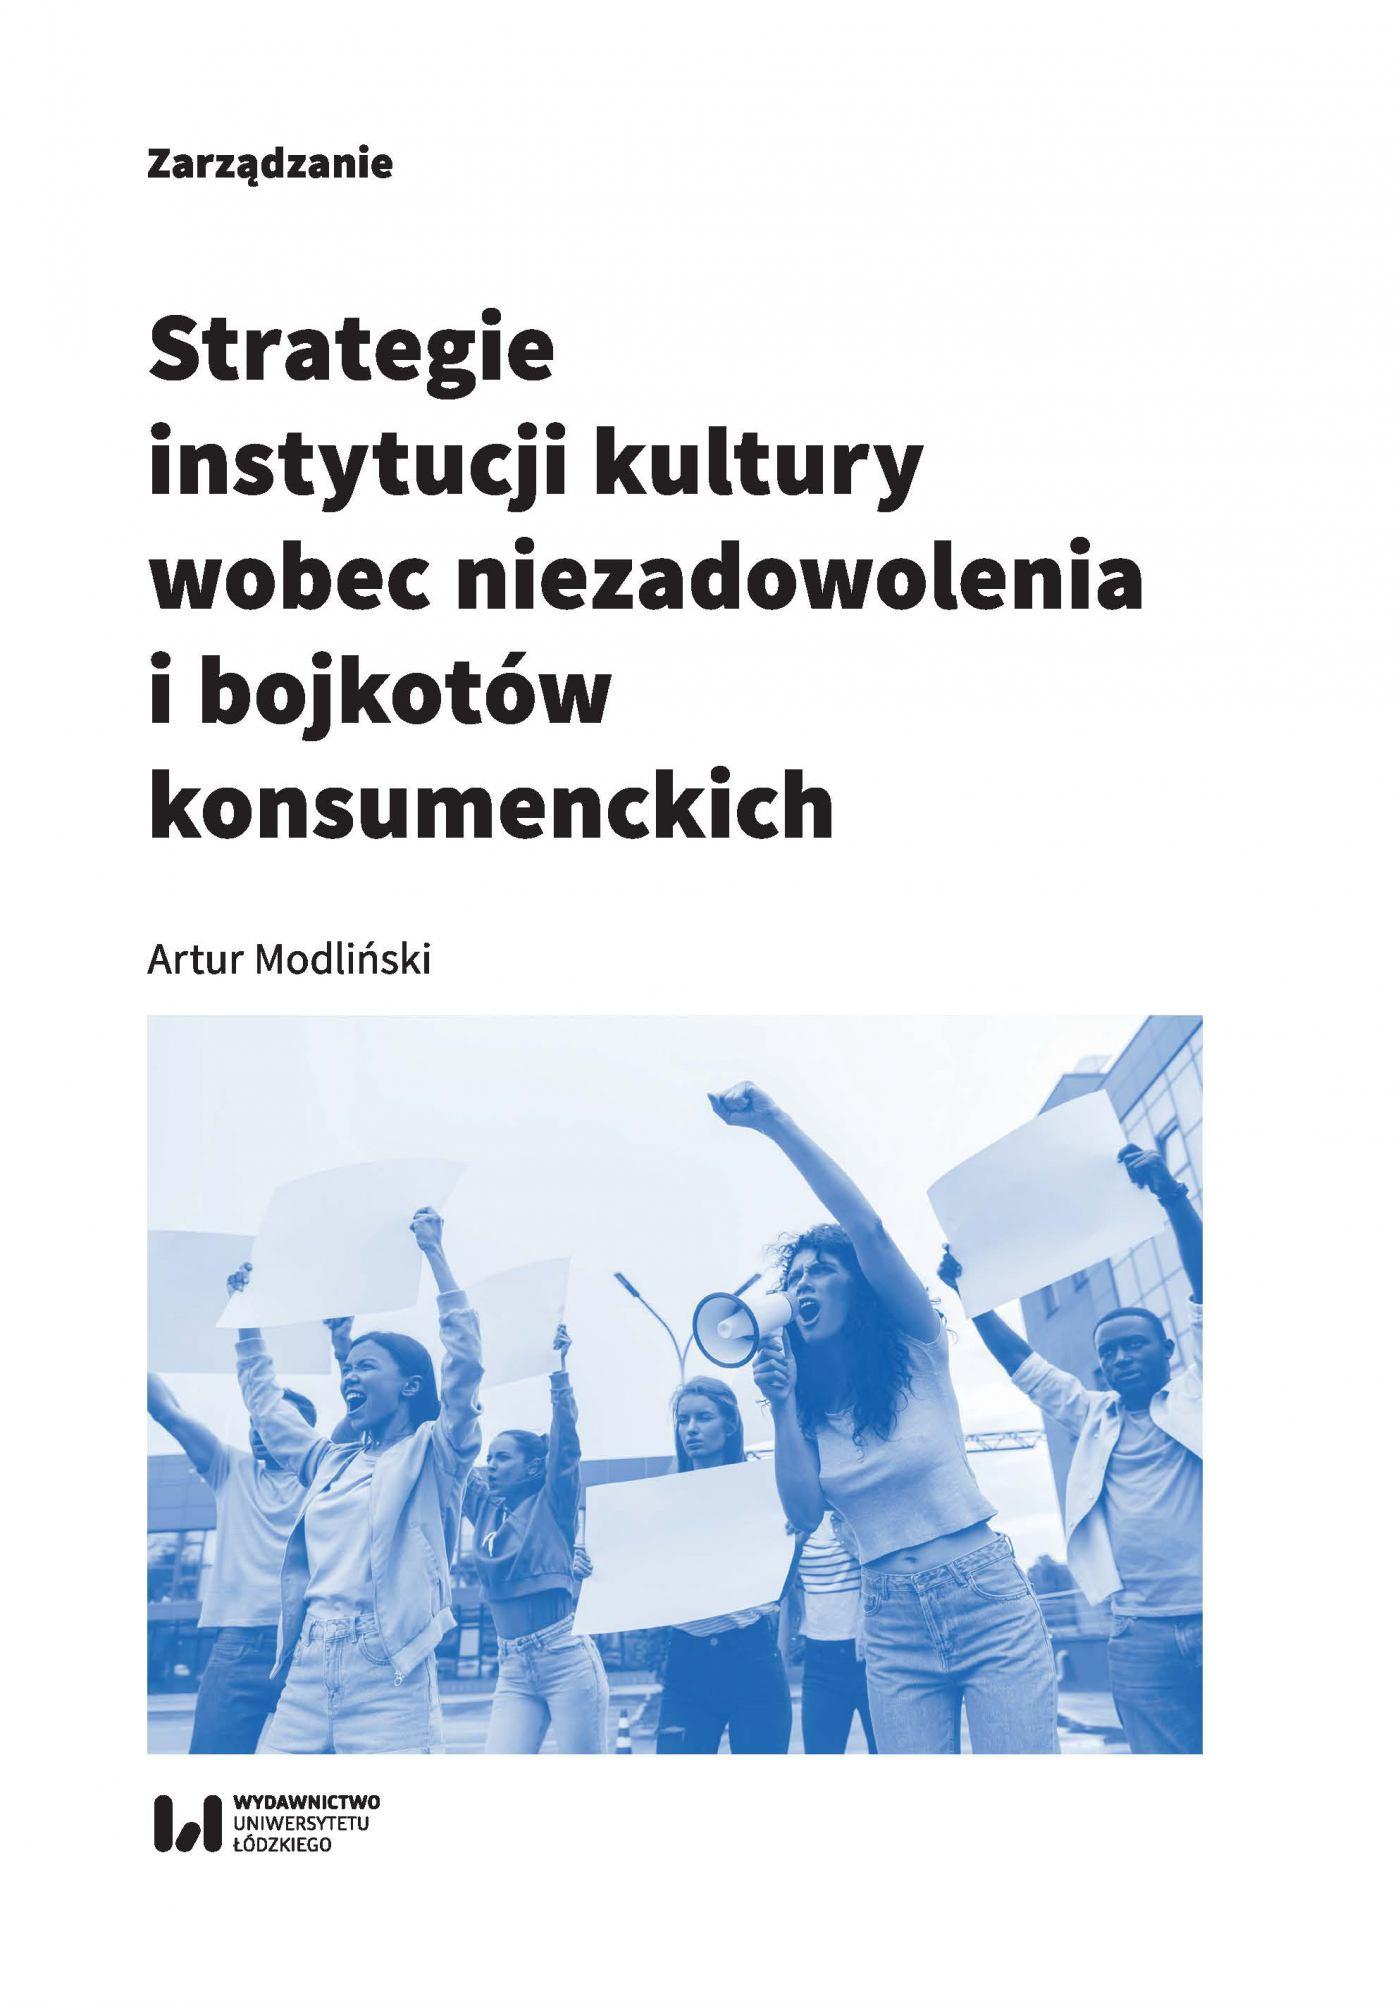 Strategie instytucji kultury wobec niezadowolenia i bojkotów konsumenckich - Ebook (Książka PDF) do pobrania w formacie PDF